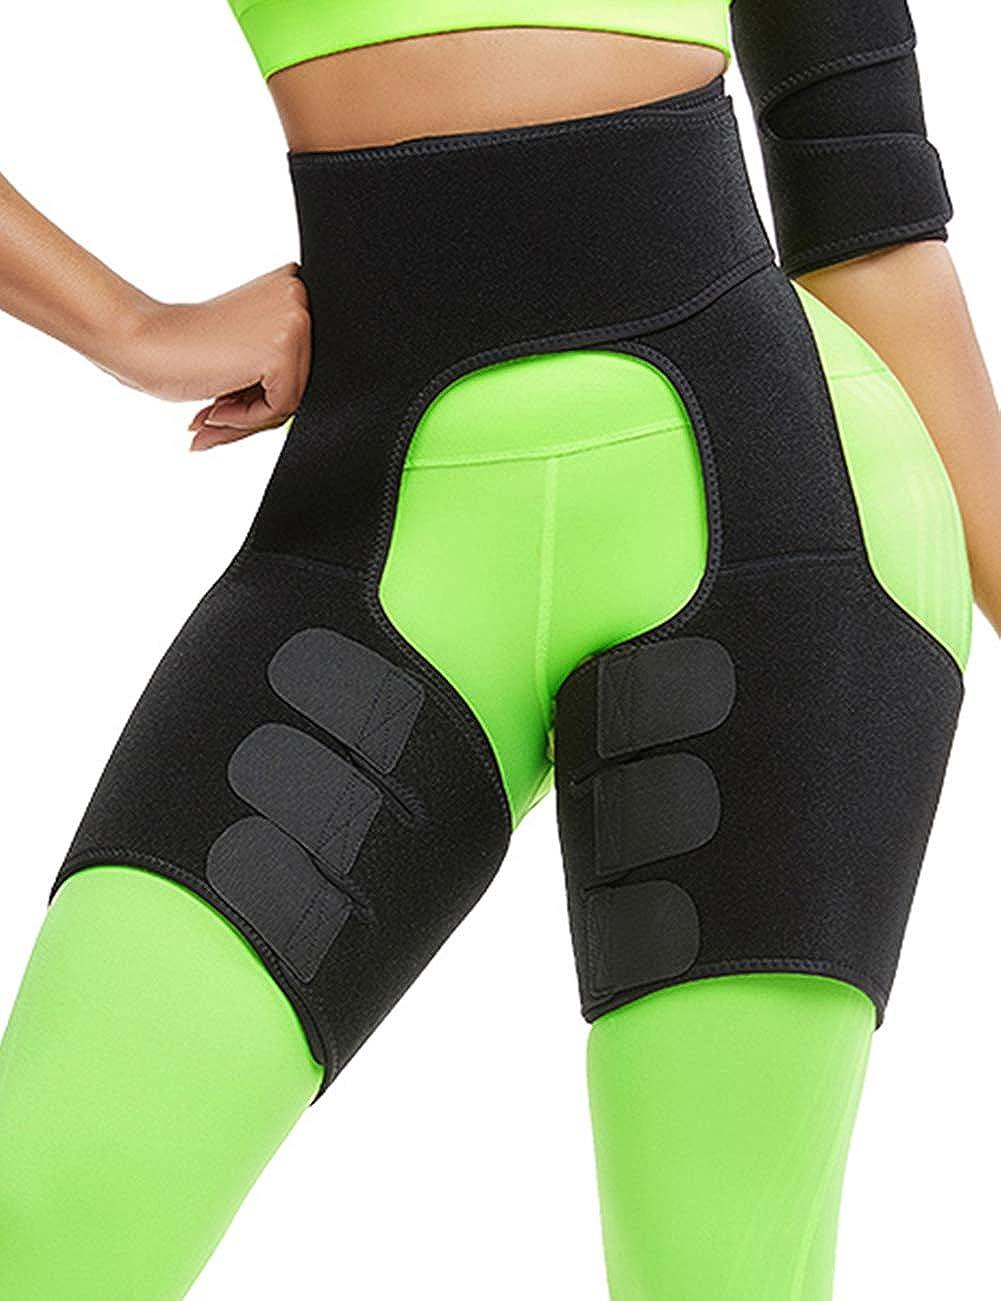 Details about  /Slim Deit Belt Thigh Slimming Shaper Compression Thigh Support Sleeve Massage